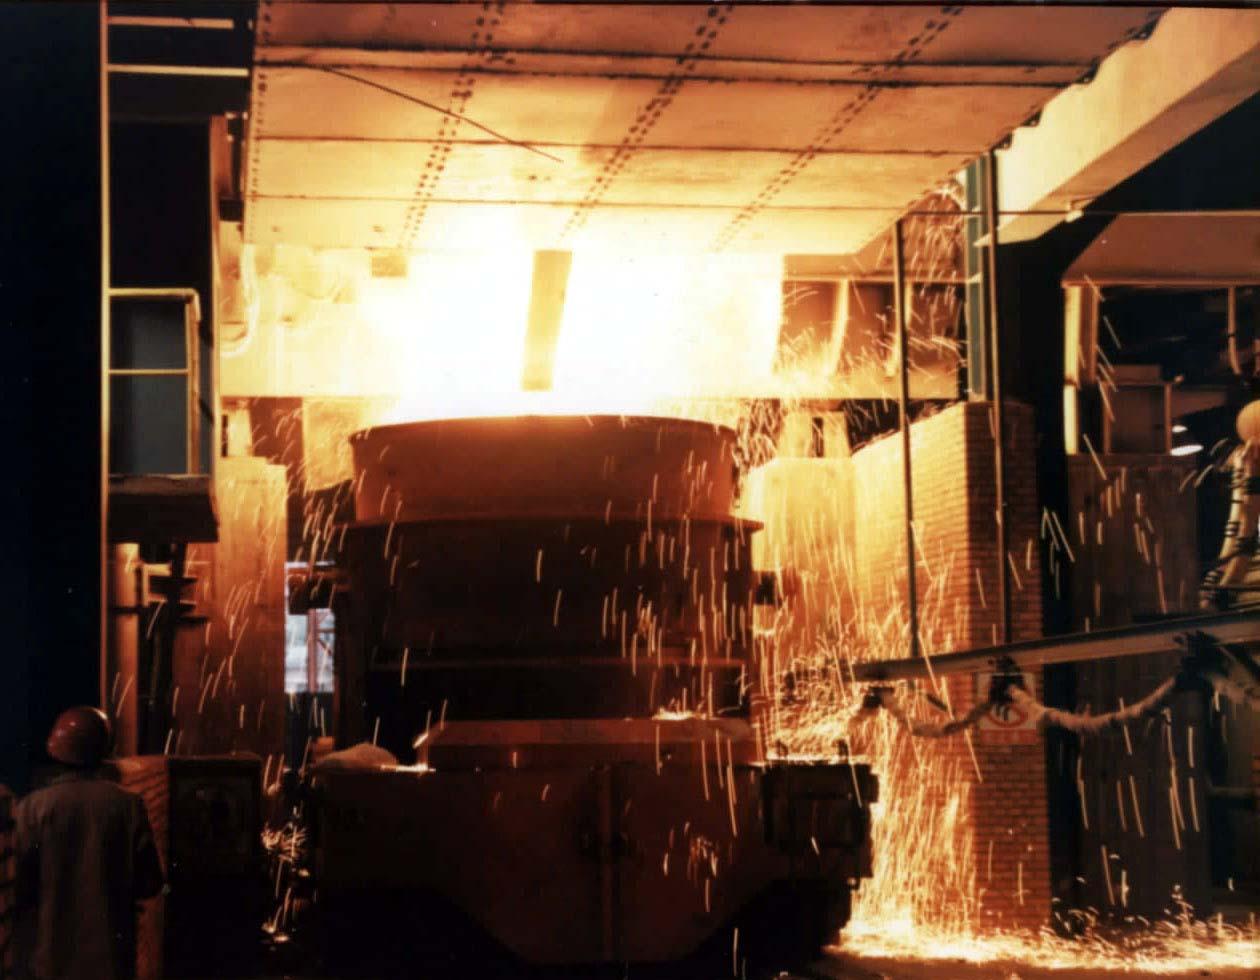 陕西工业电炉的发展史是怎样的?小编给大家分享